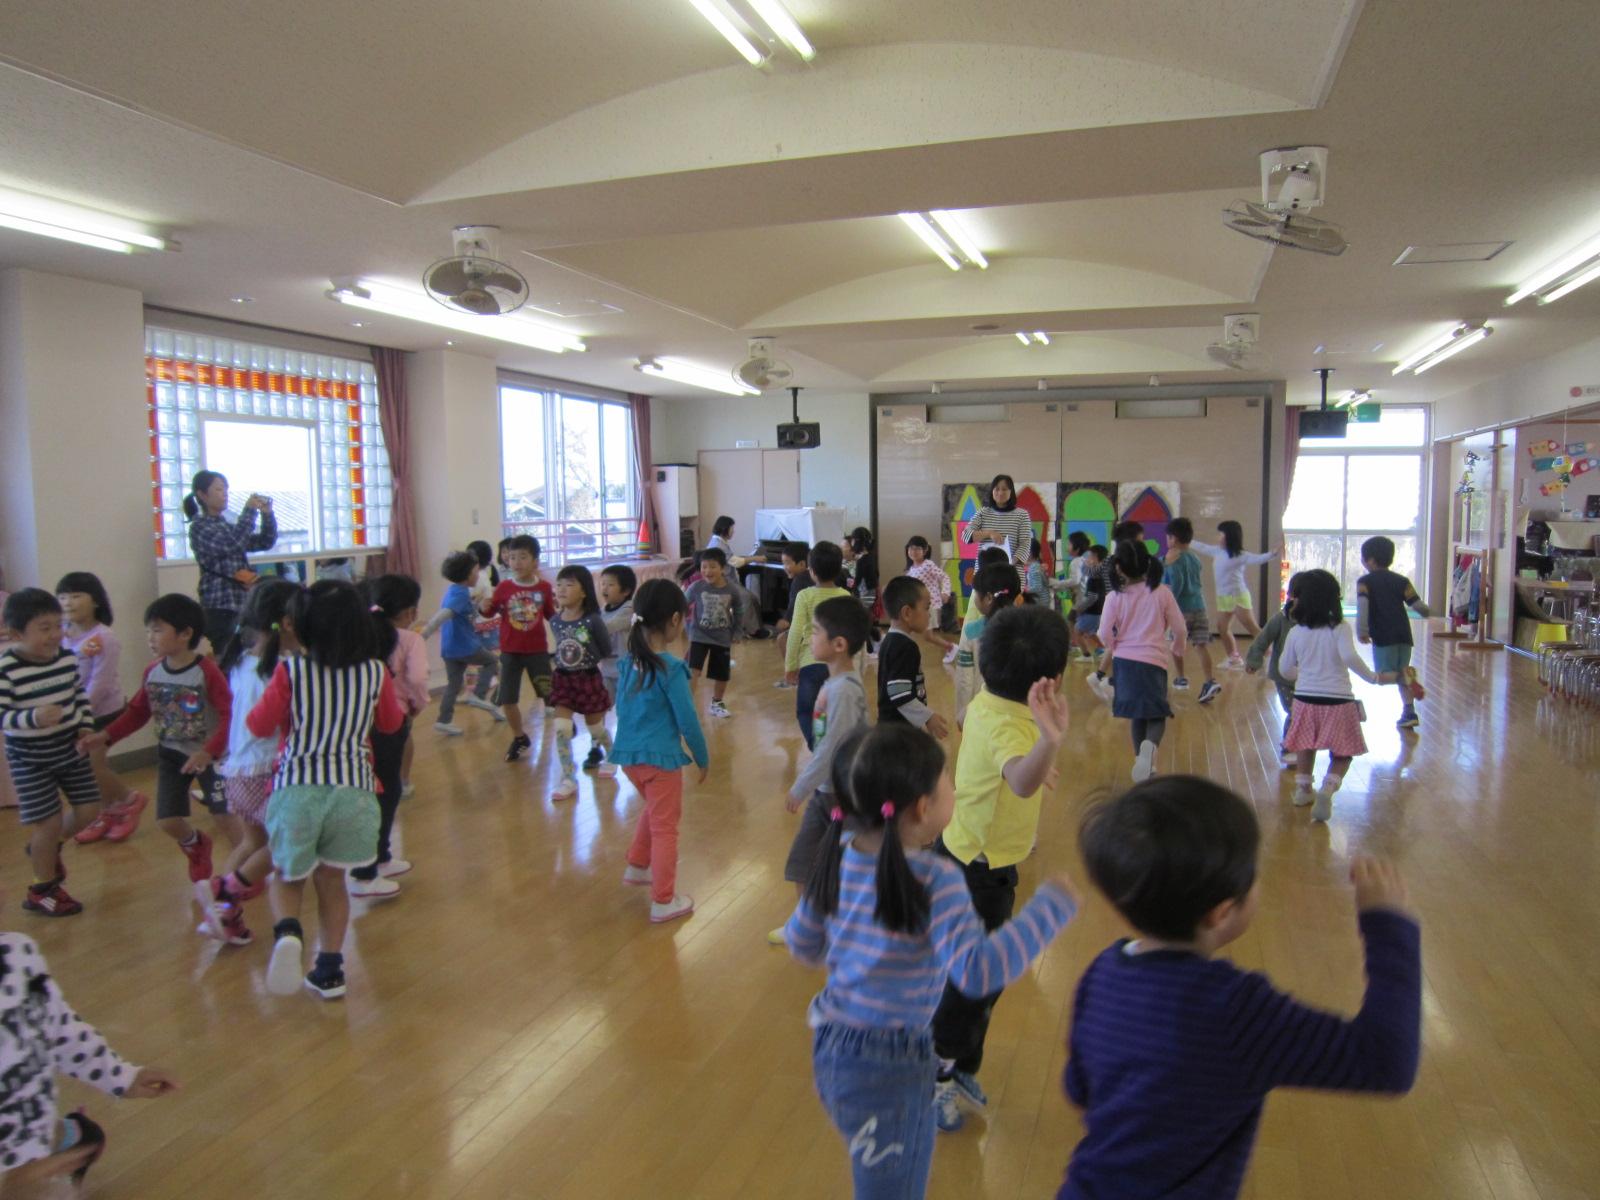 小合東幼稚園に行ってきました!_a0180348_1854060.jpg